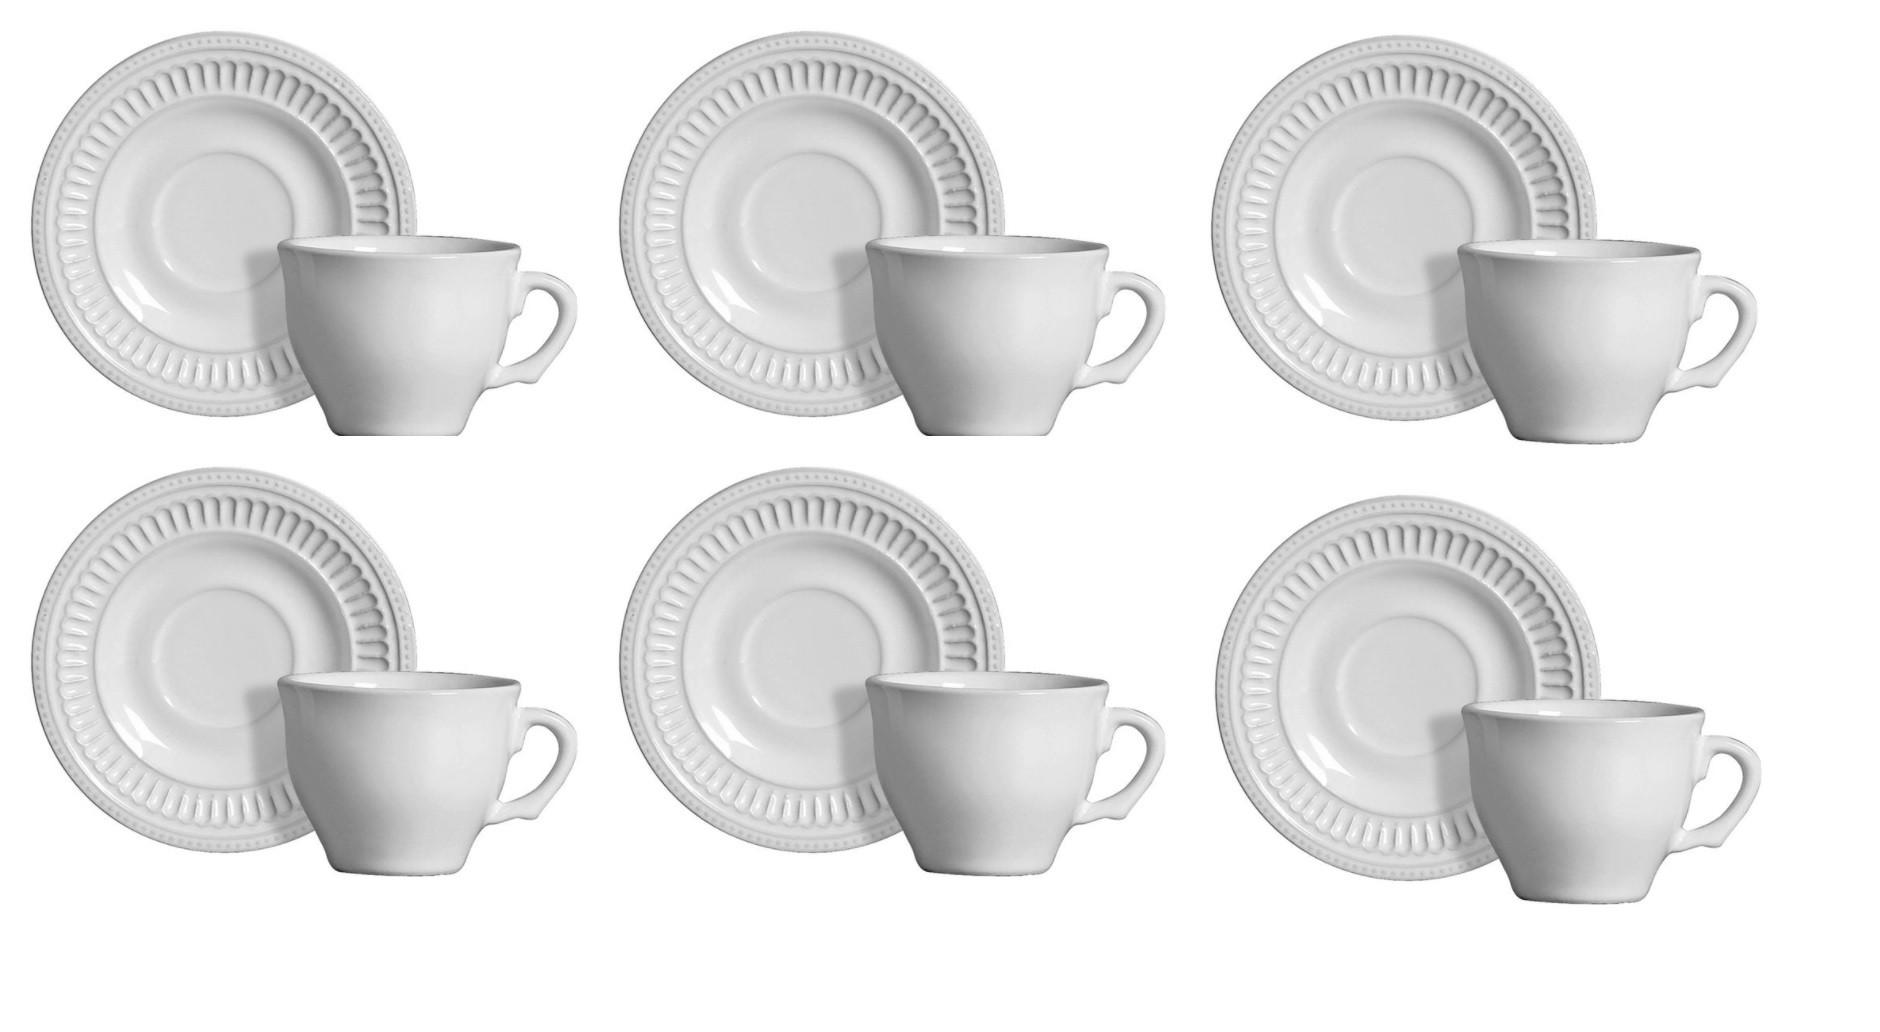 Jogo 6 XÍcaras De Café Poppy Branco - Scalla